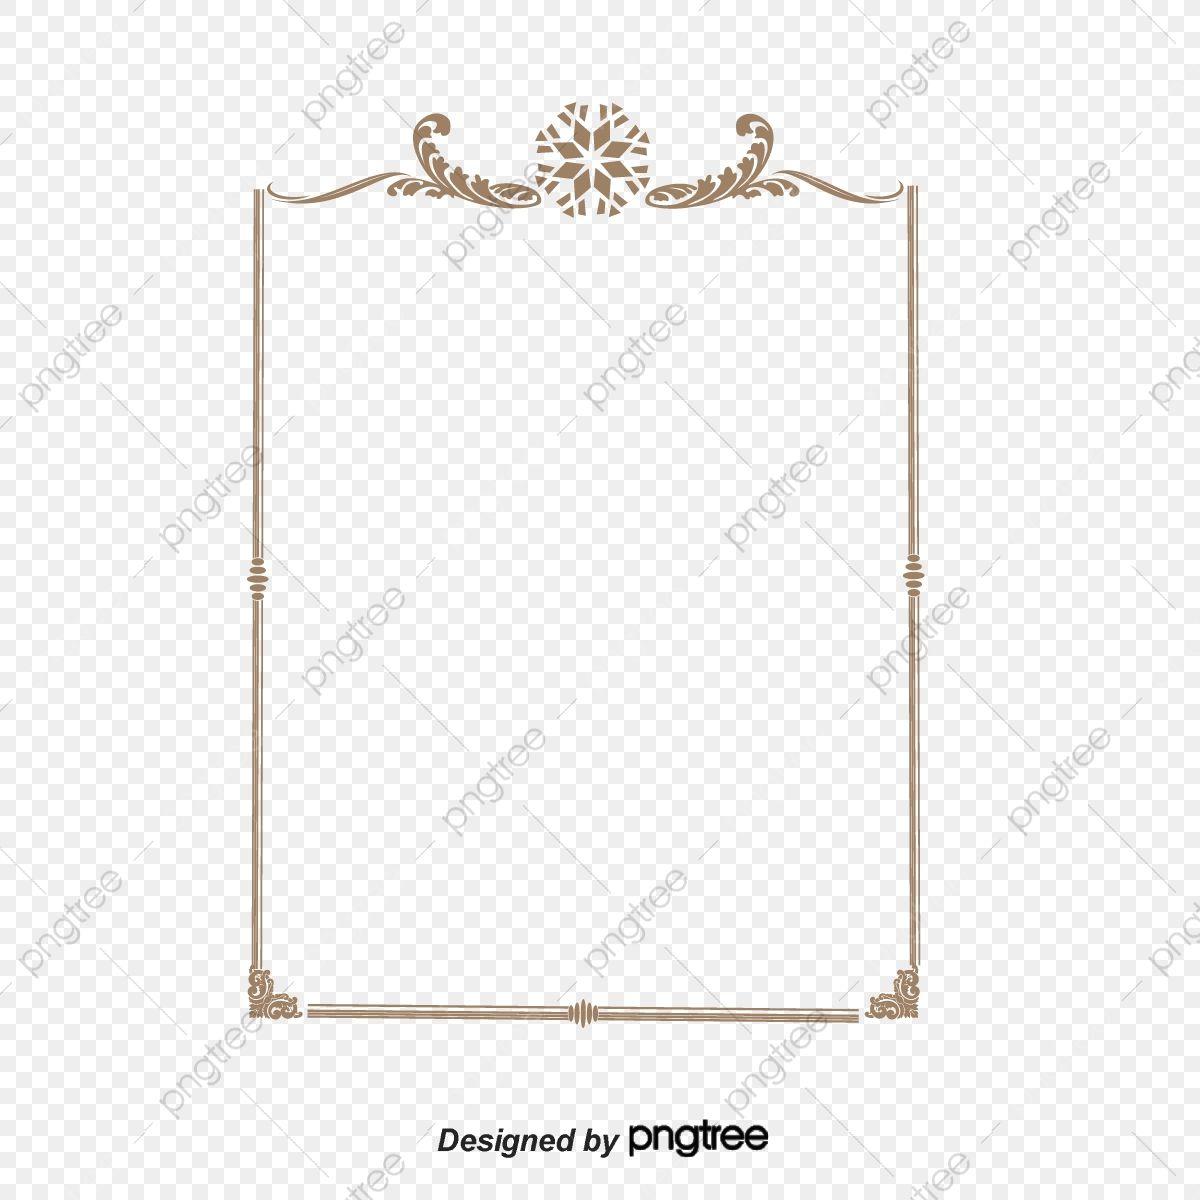 الذهب المزخرفة ديكور متجر الإطار الذهب المزخرفة ديكور متجر الإطار برواز ذهبي مزخرف المحل المزخرفة ديكور الحدود Png والمتجهات للتحميل مجانا Frame Decor Frame Shop Frame